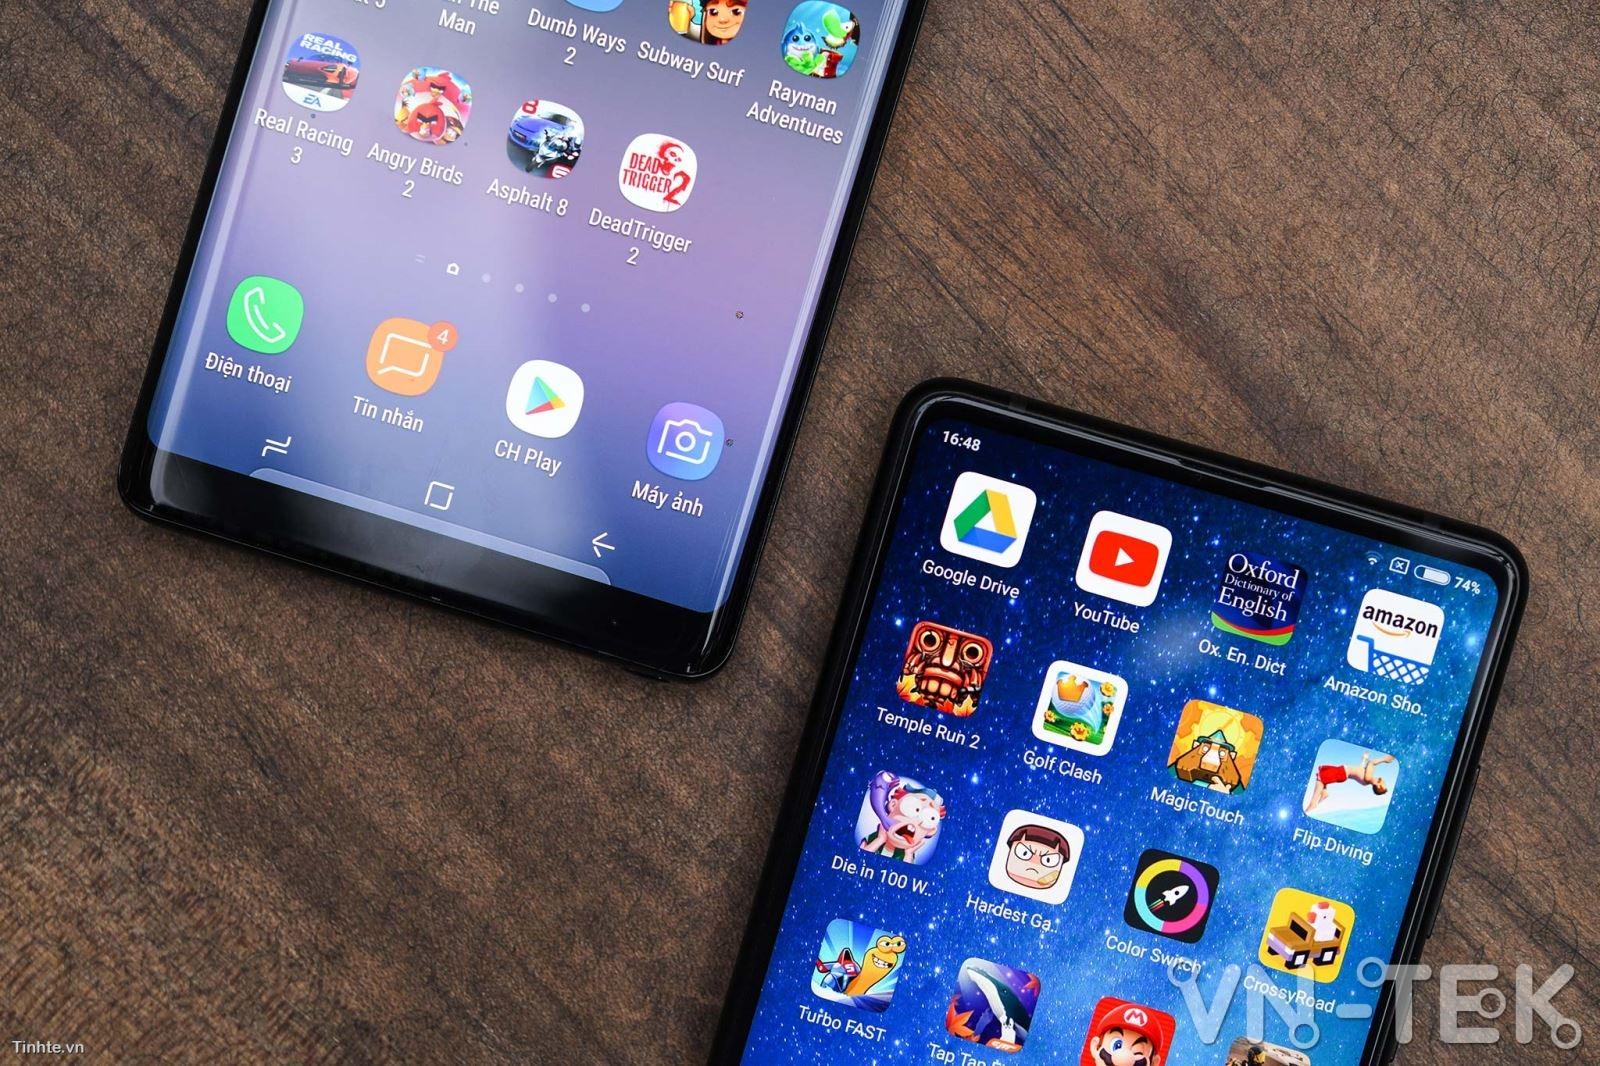 galaxy note8 xiaomi mi mix 2 7 - Galaxy Note8 và Xiaomi Mi Mix 2 cuộc chiến màn hình vô cực